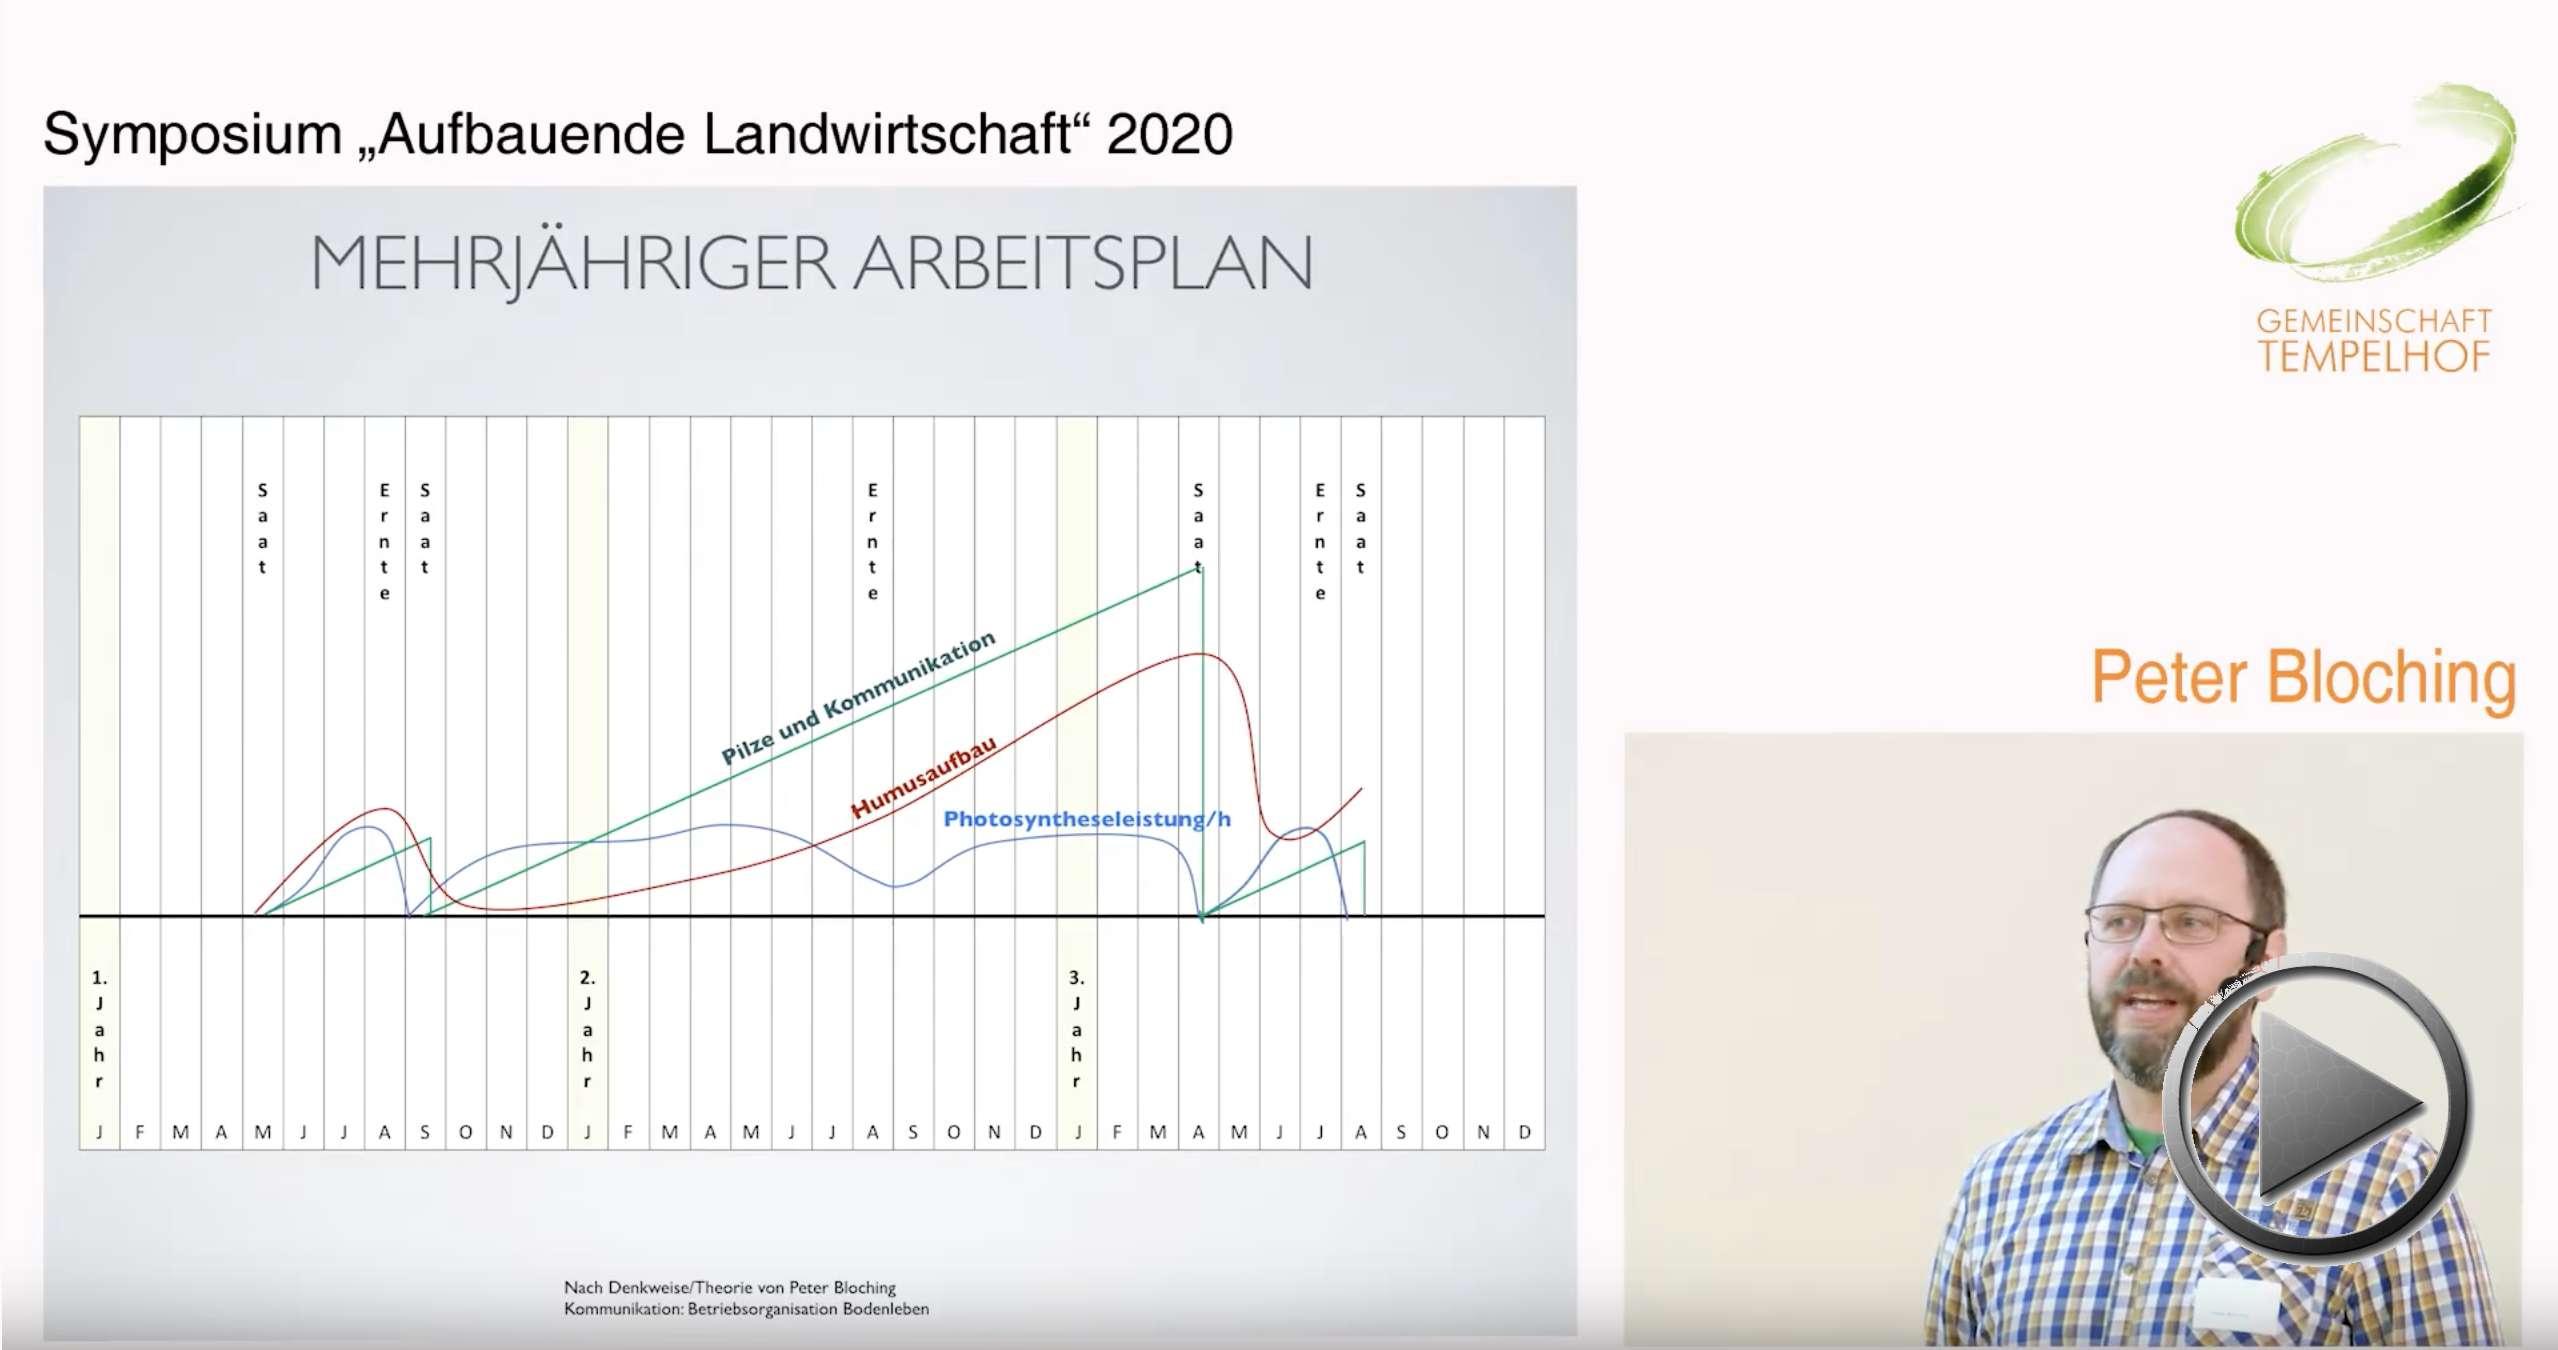 """Präsentation:  Bodenleben fördern und Boden schützen: Untersaaten und Buffet-Anbau. Peter Bloching. Symposium """"Aufbauende Landwirtschaft"""" 2020"""